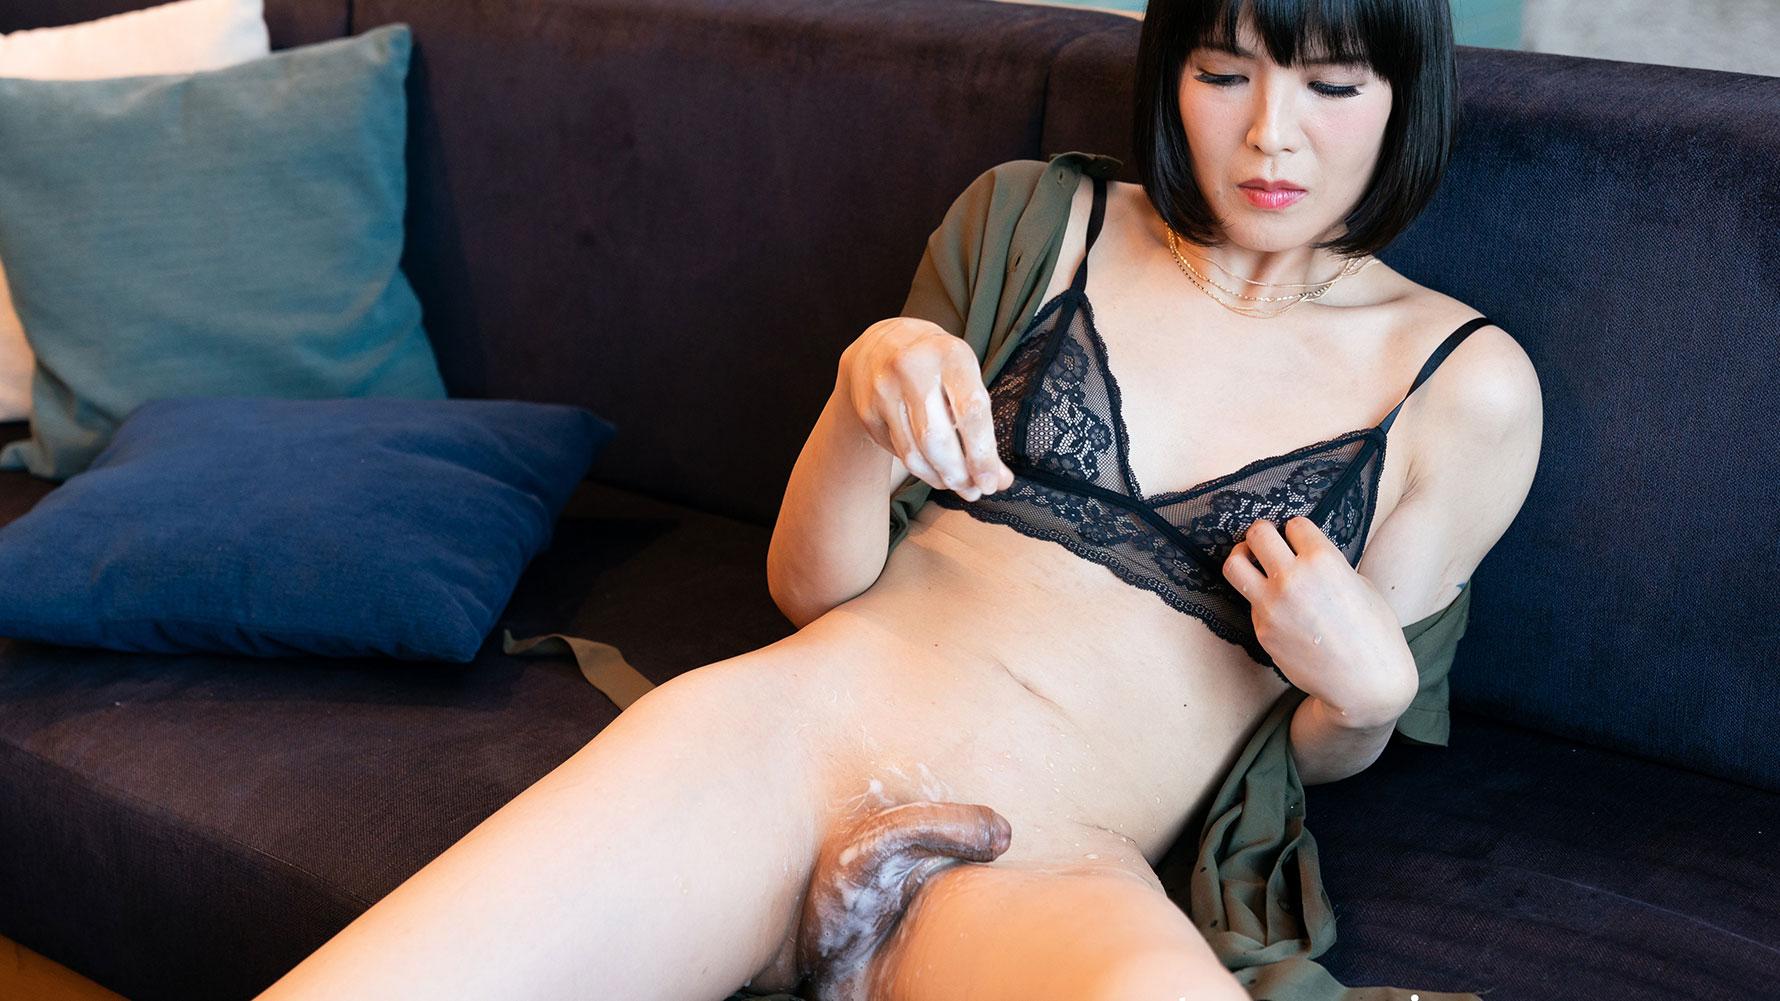 [2019-11-01] Yoko Cock Bukkake Sperm Masturbation - TranSexJapan